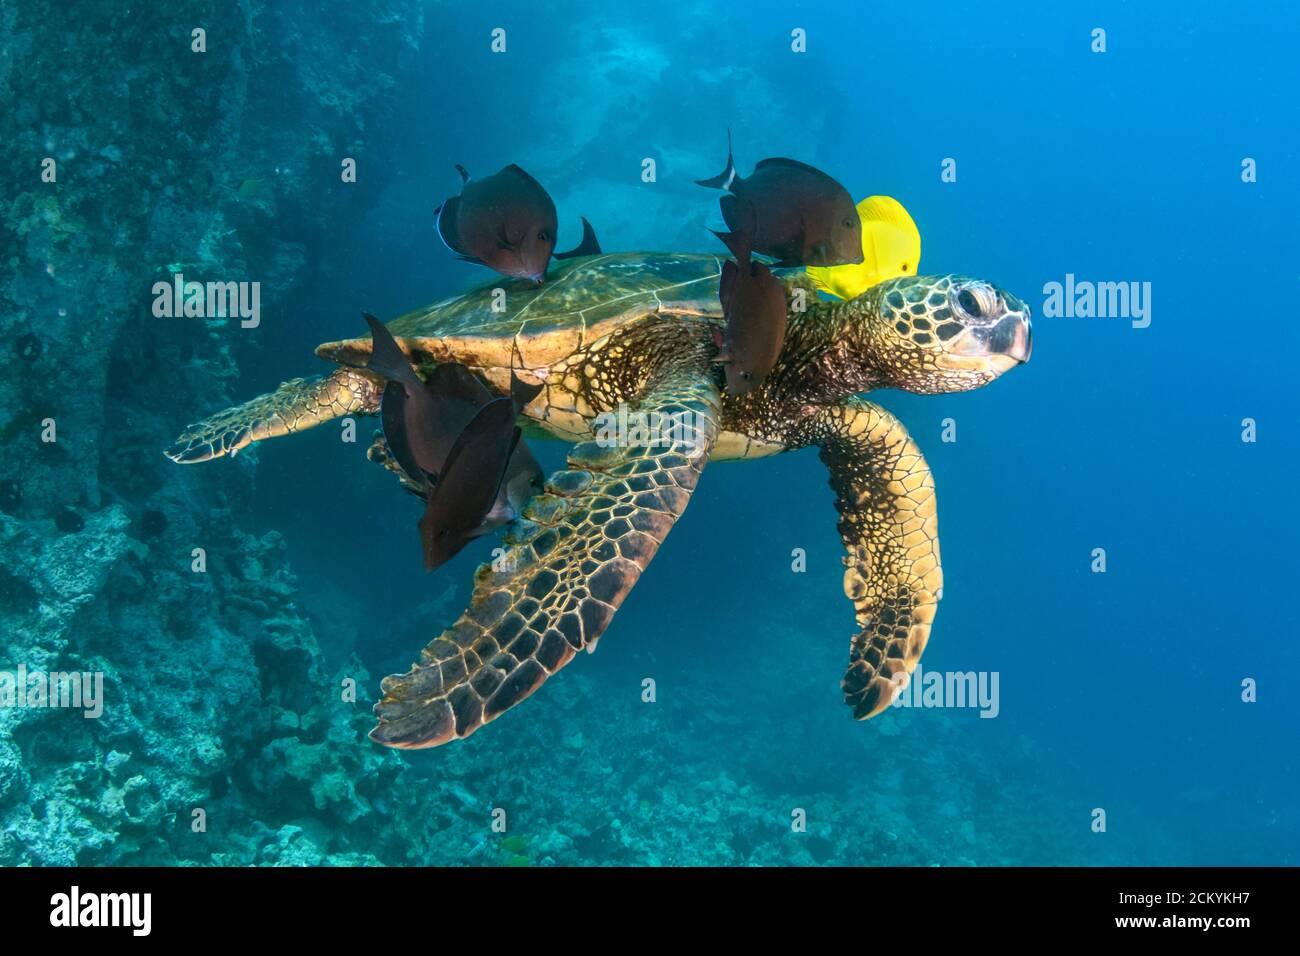 Tortuga de Mar Verde, Chelonia mydas, siendo limpiada por tang amarillo, Zebrasoma flavescens, y pez surgeonero azul, Acanthurus nigroris, Kona Coast, Big I Foto de stock